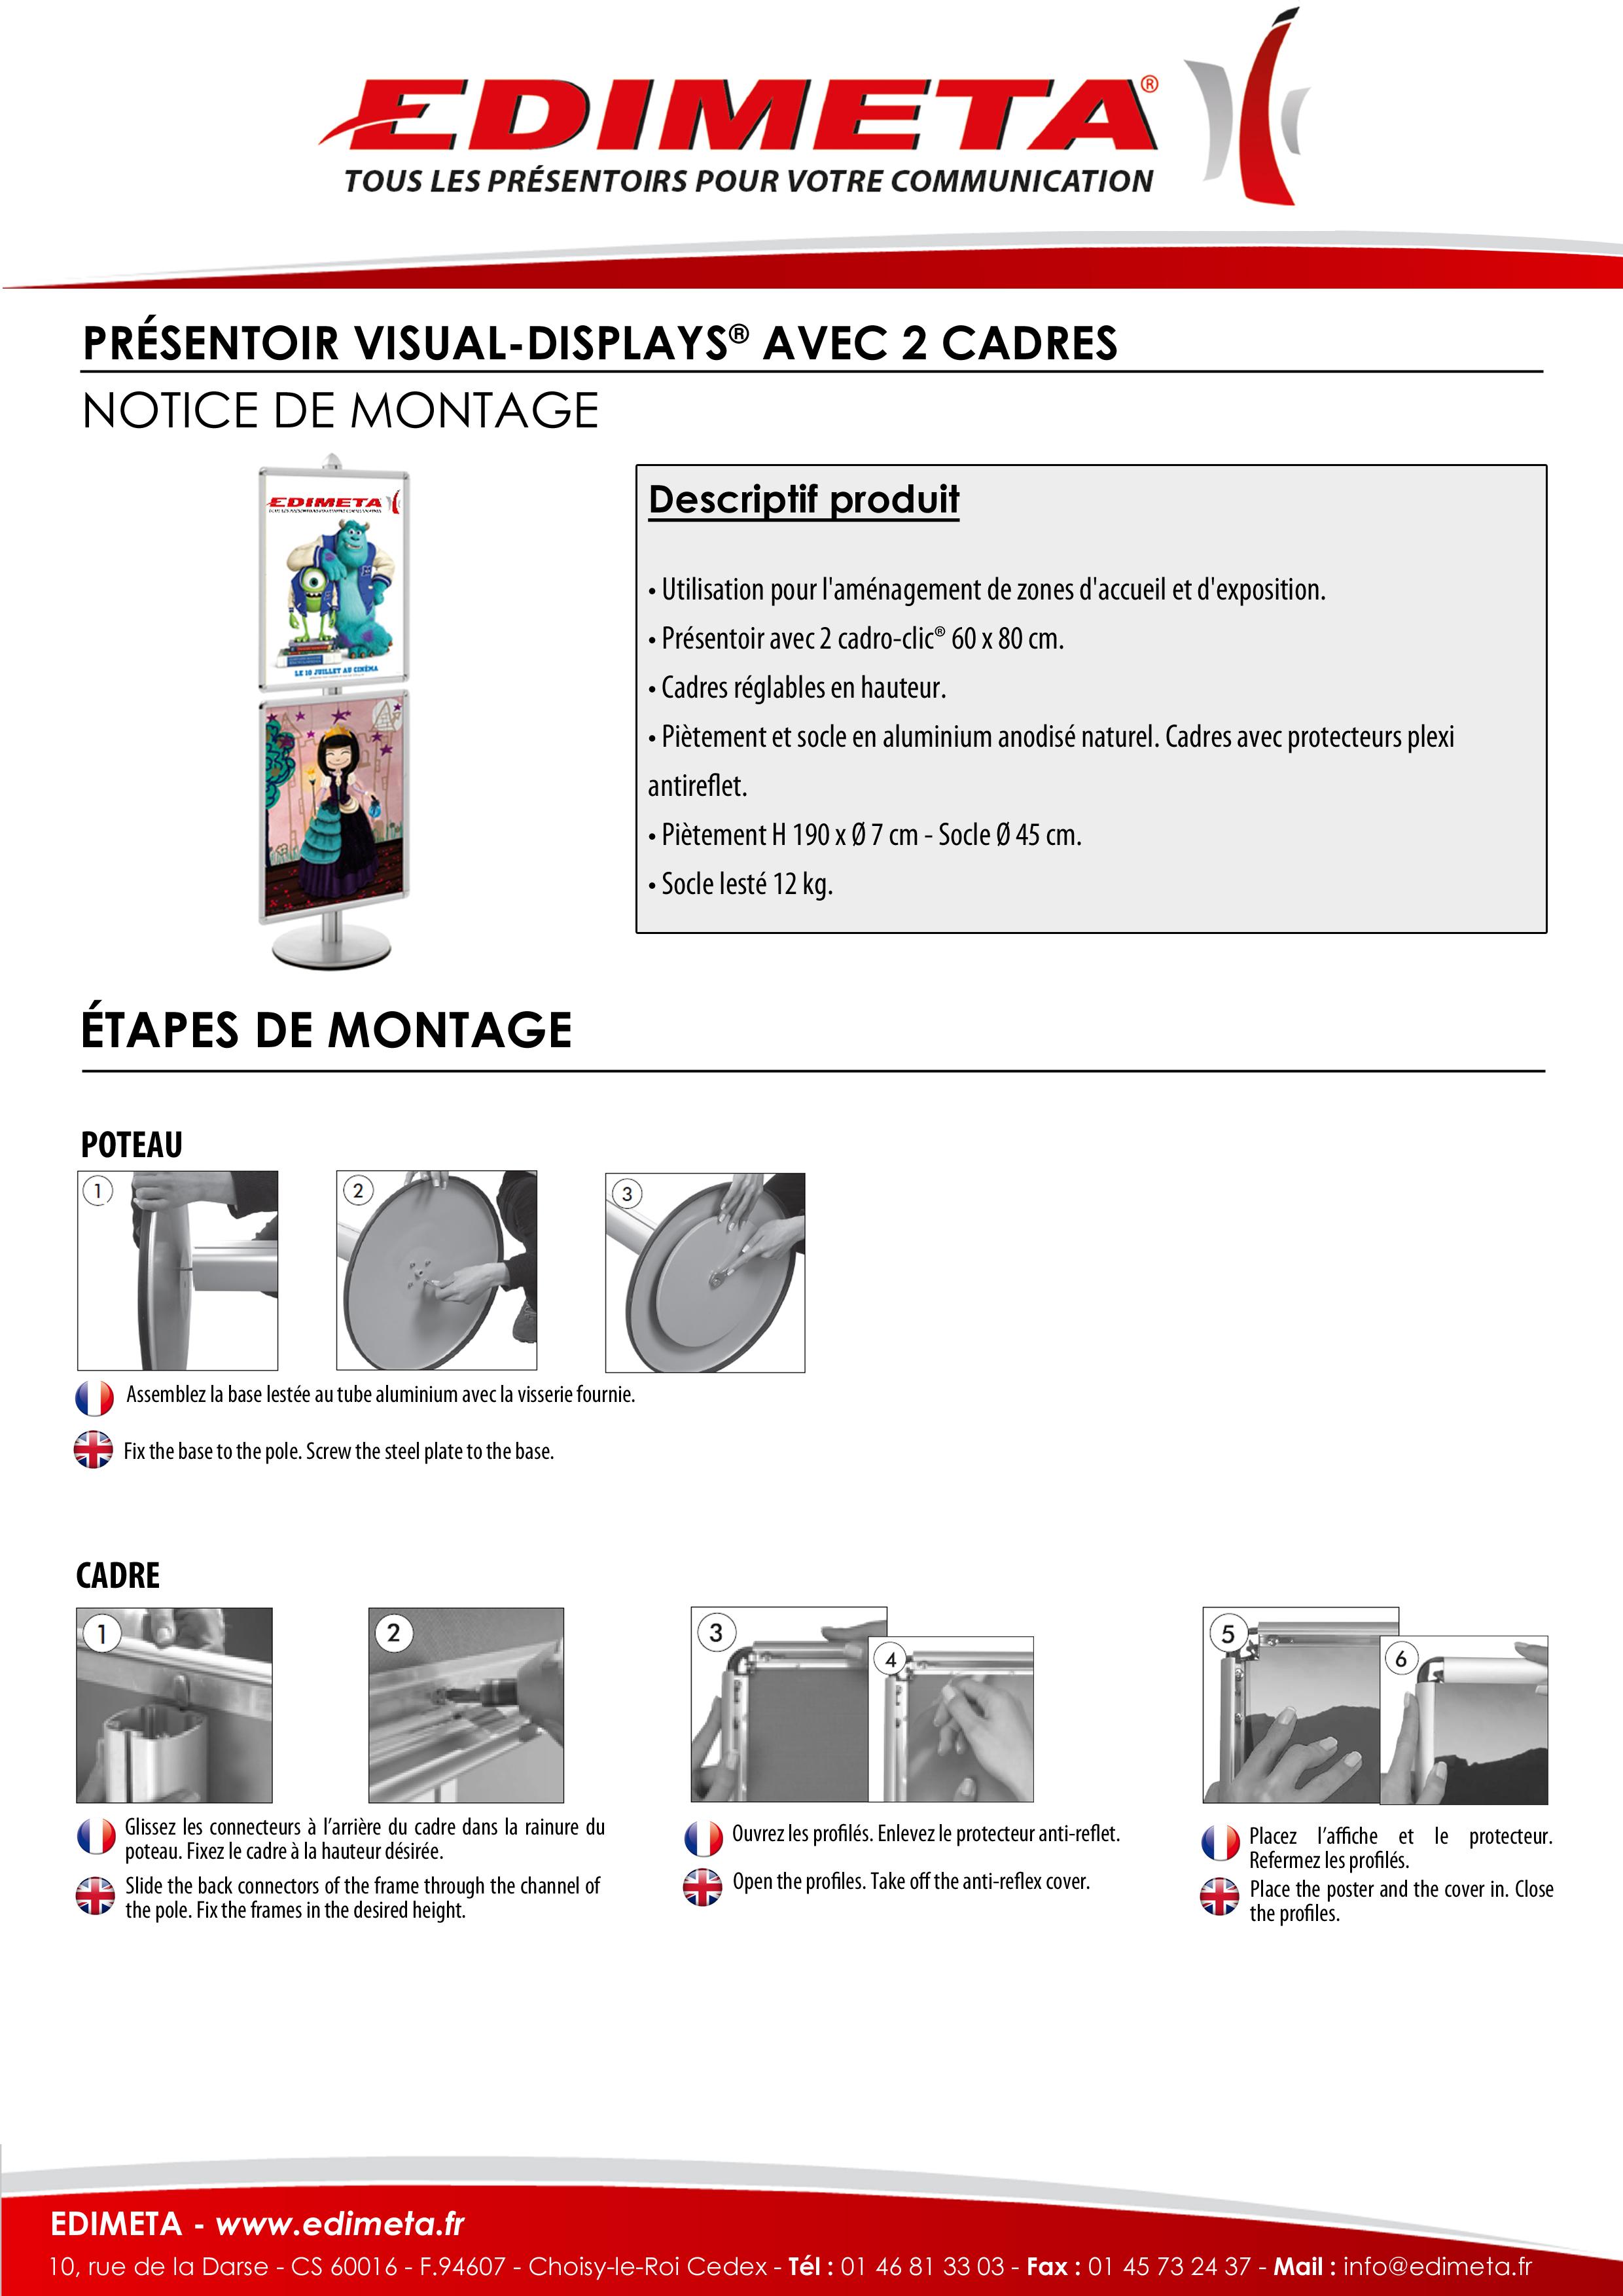 NOTICE DE MONTAGE : PRÉSENTOIR VISUAL-DISPLAYS® AVEC 2 CADRES